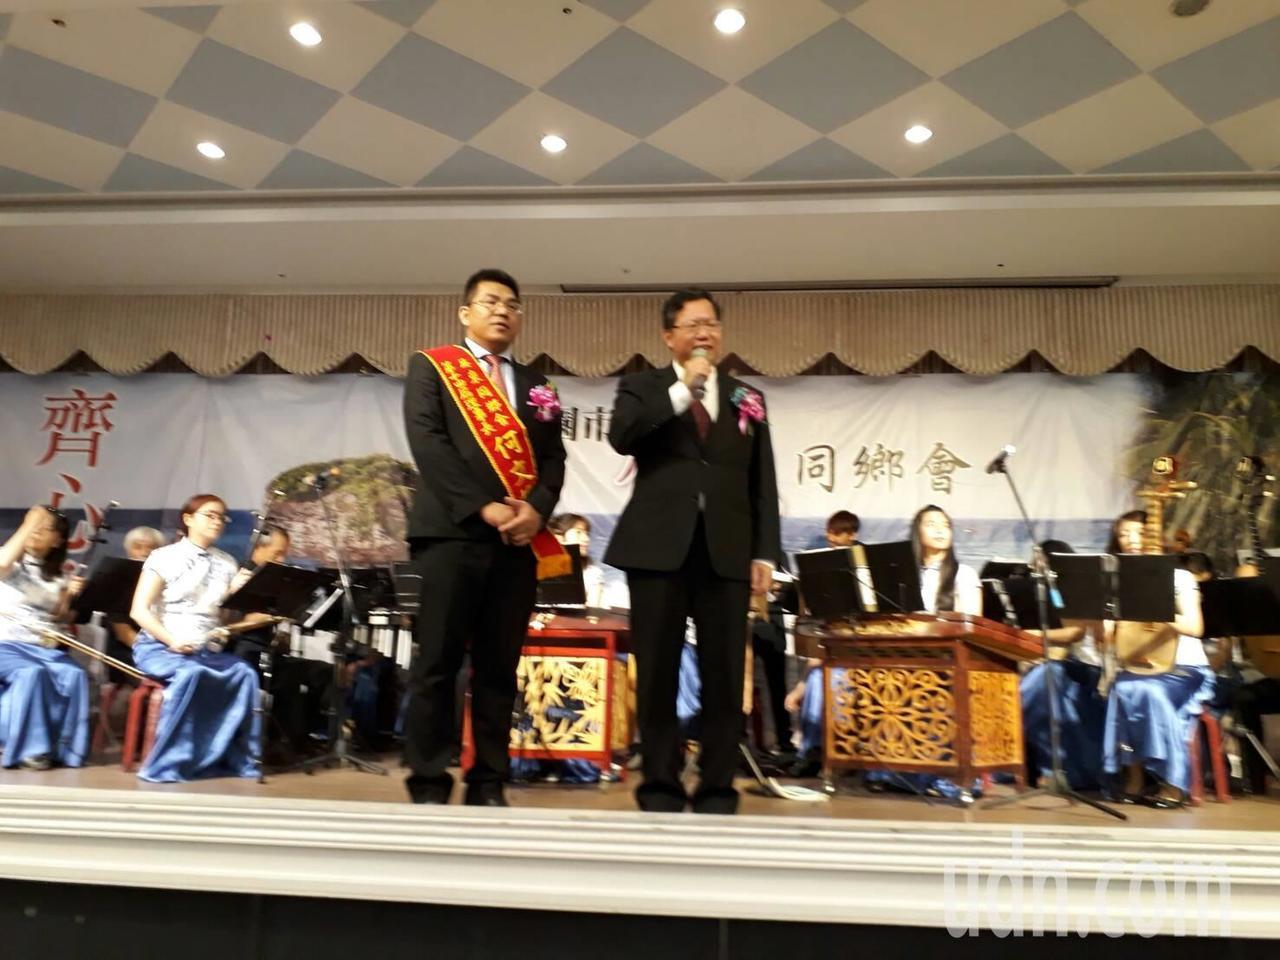 桃園市長鄭文燦(右)肯定屏東同鄉會對桃園的貢獻。記者鄭國樑/攝影